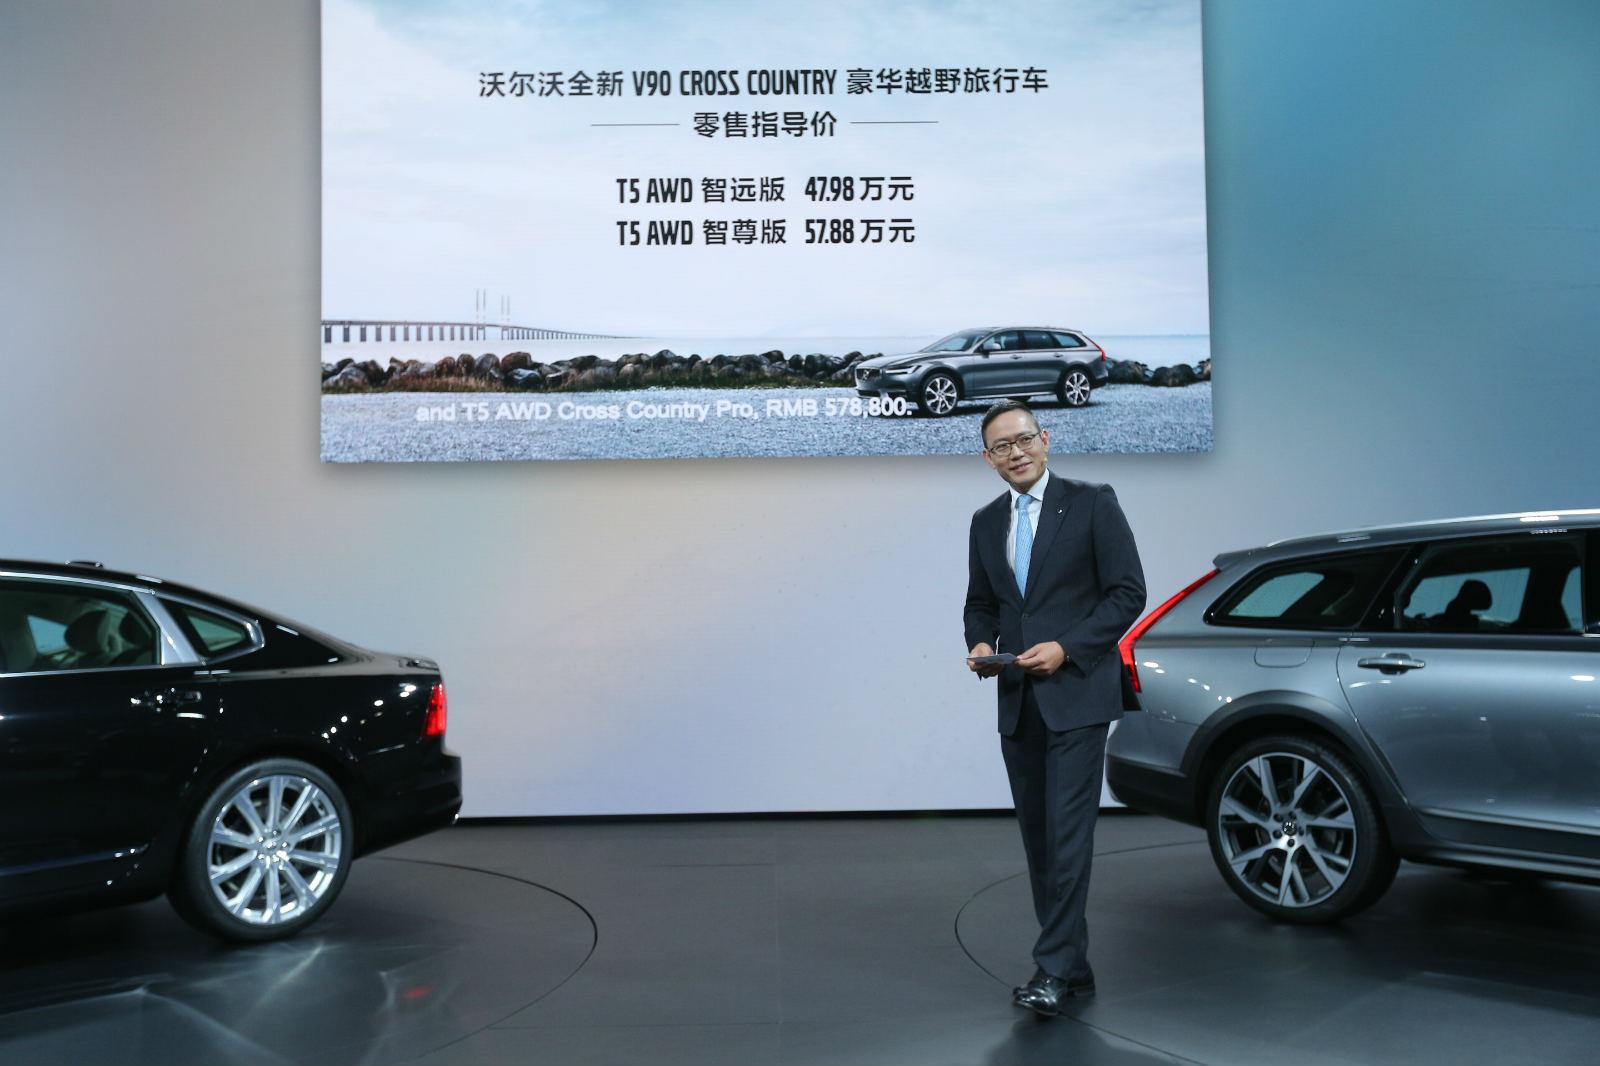 沃尔沃汽车集团高级副总裁、亚太区总裁兼CEO袁小林